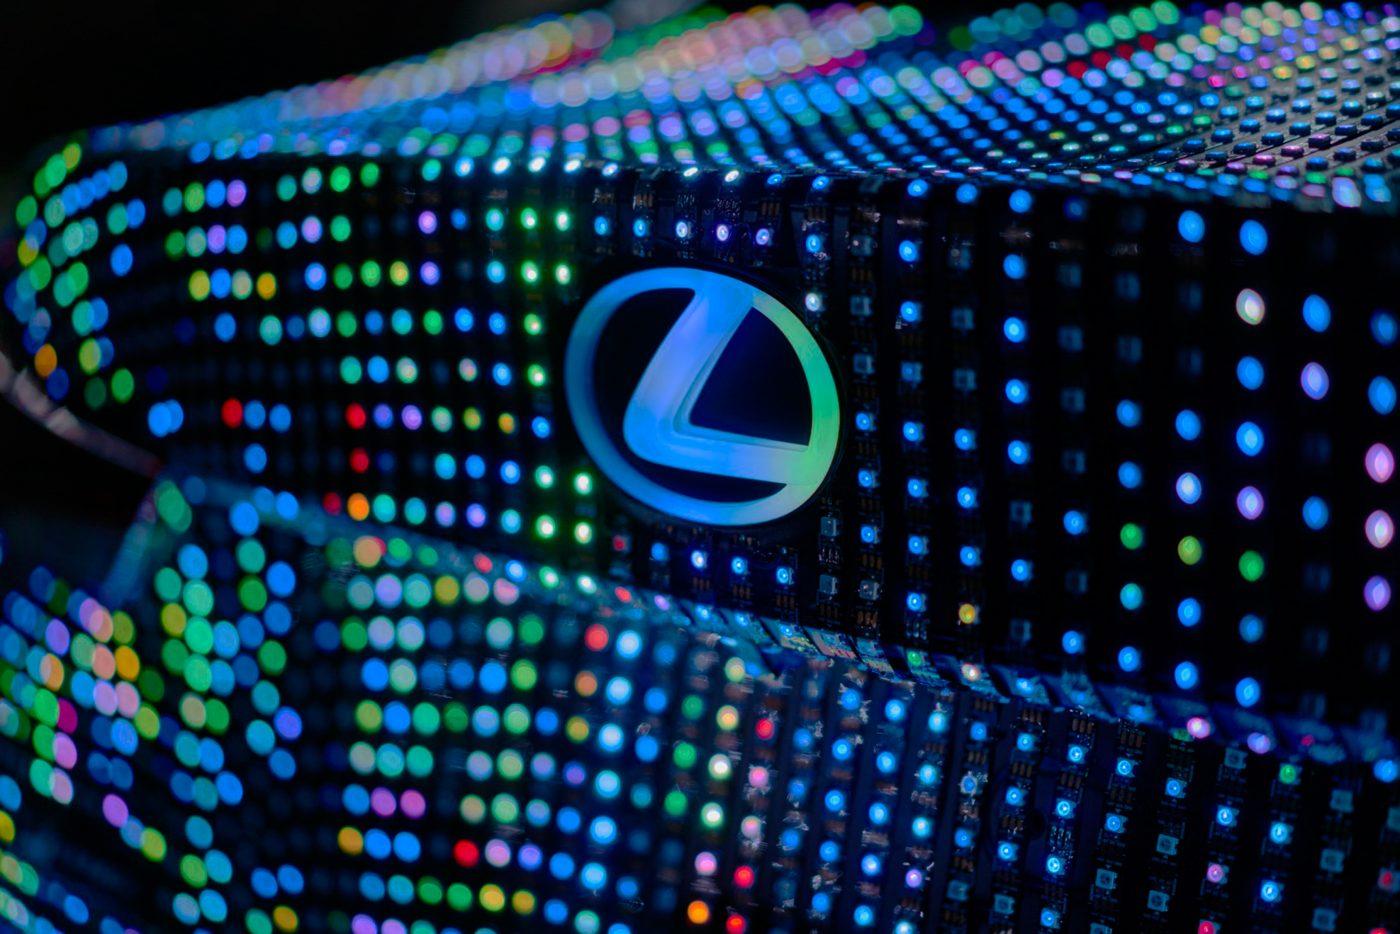 lexus_lit_is_04_08a8b2c7b51f4487eeecce3631a09b0997611e5b